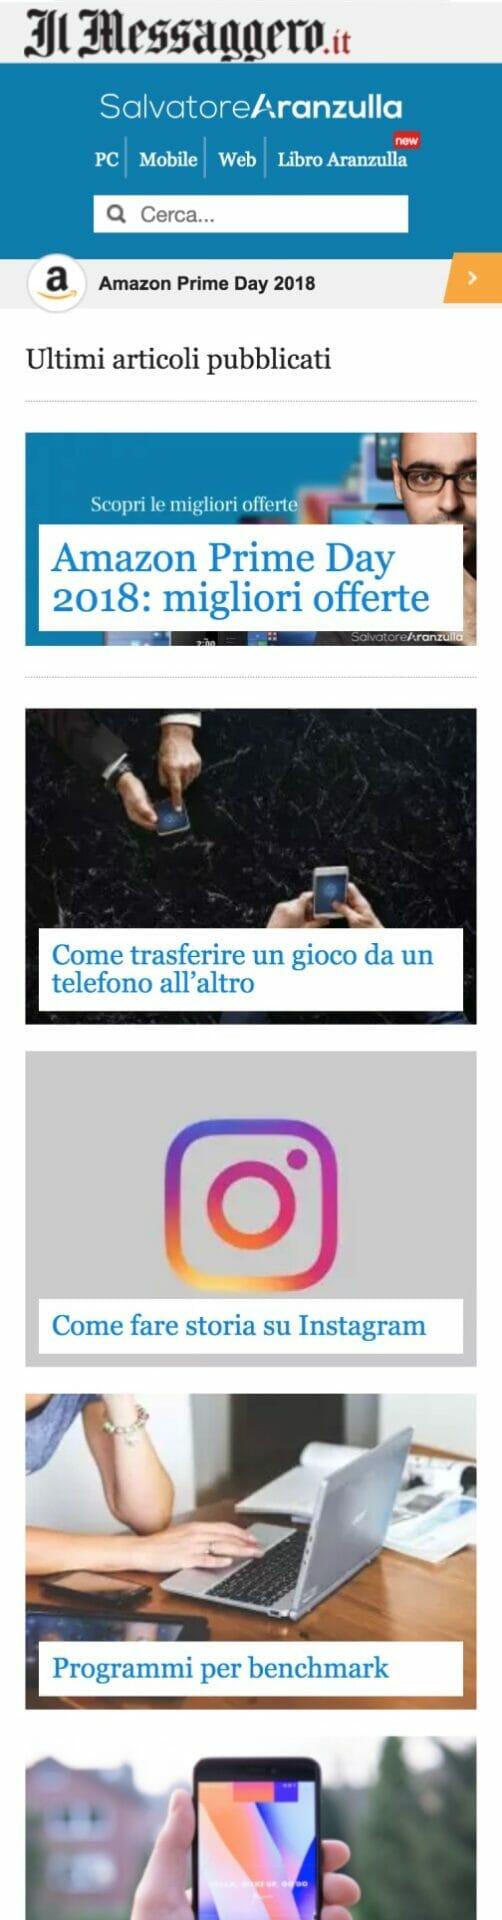 Salvatore Aranzulla Sito Web Mobile